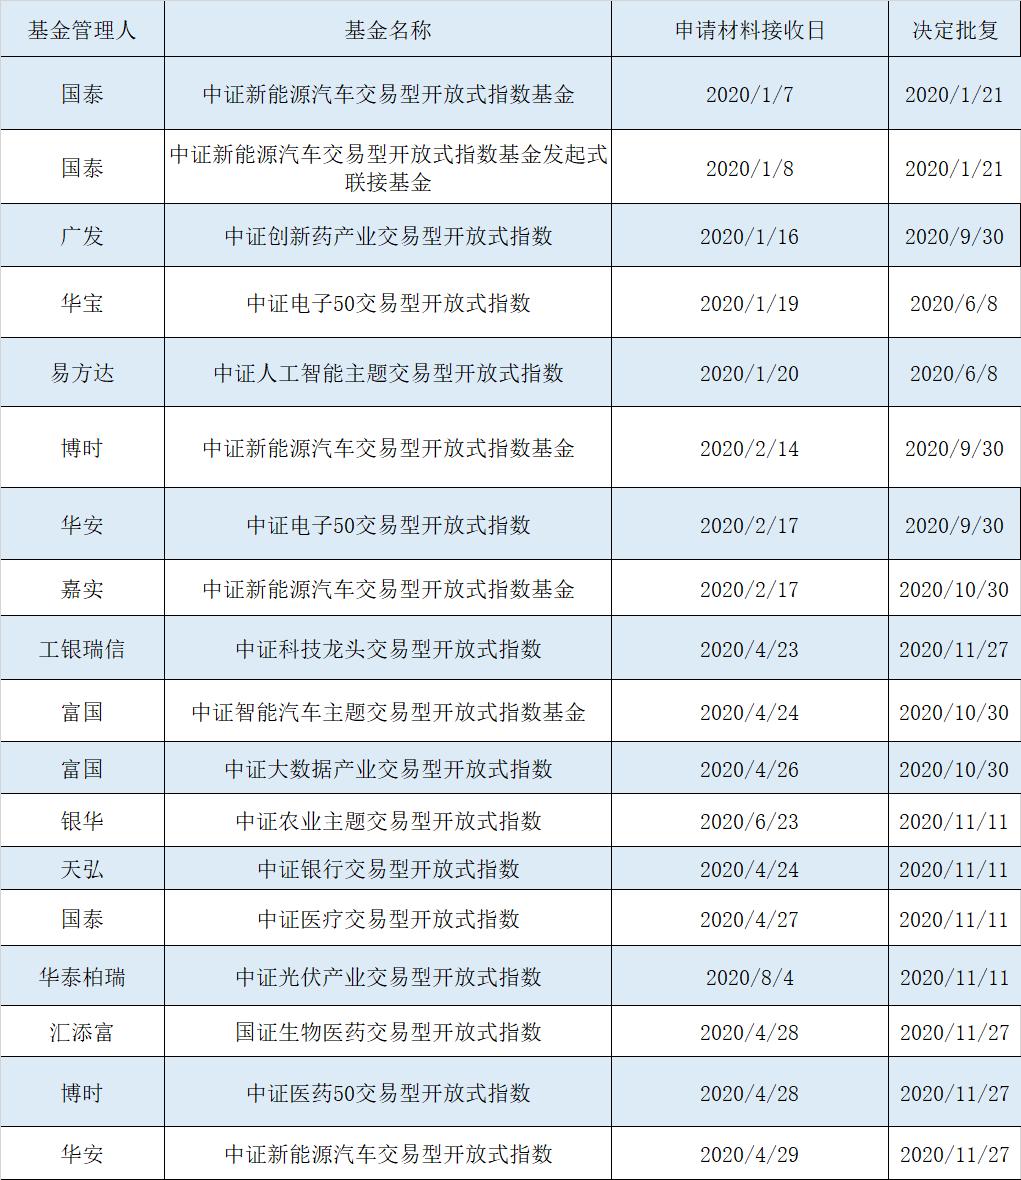 行业主题ETF基金产品 2020年1月1日至2020年11月30日获批情况 资料来源:证监会官网